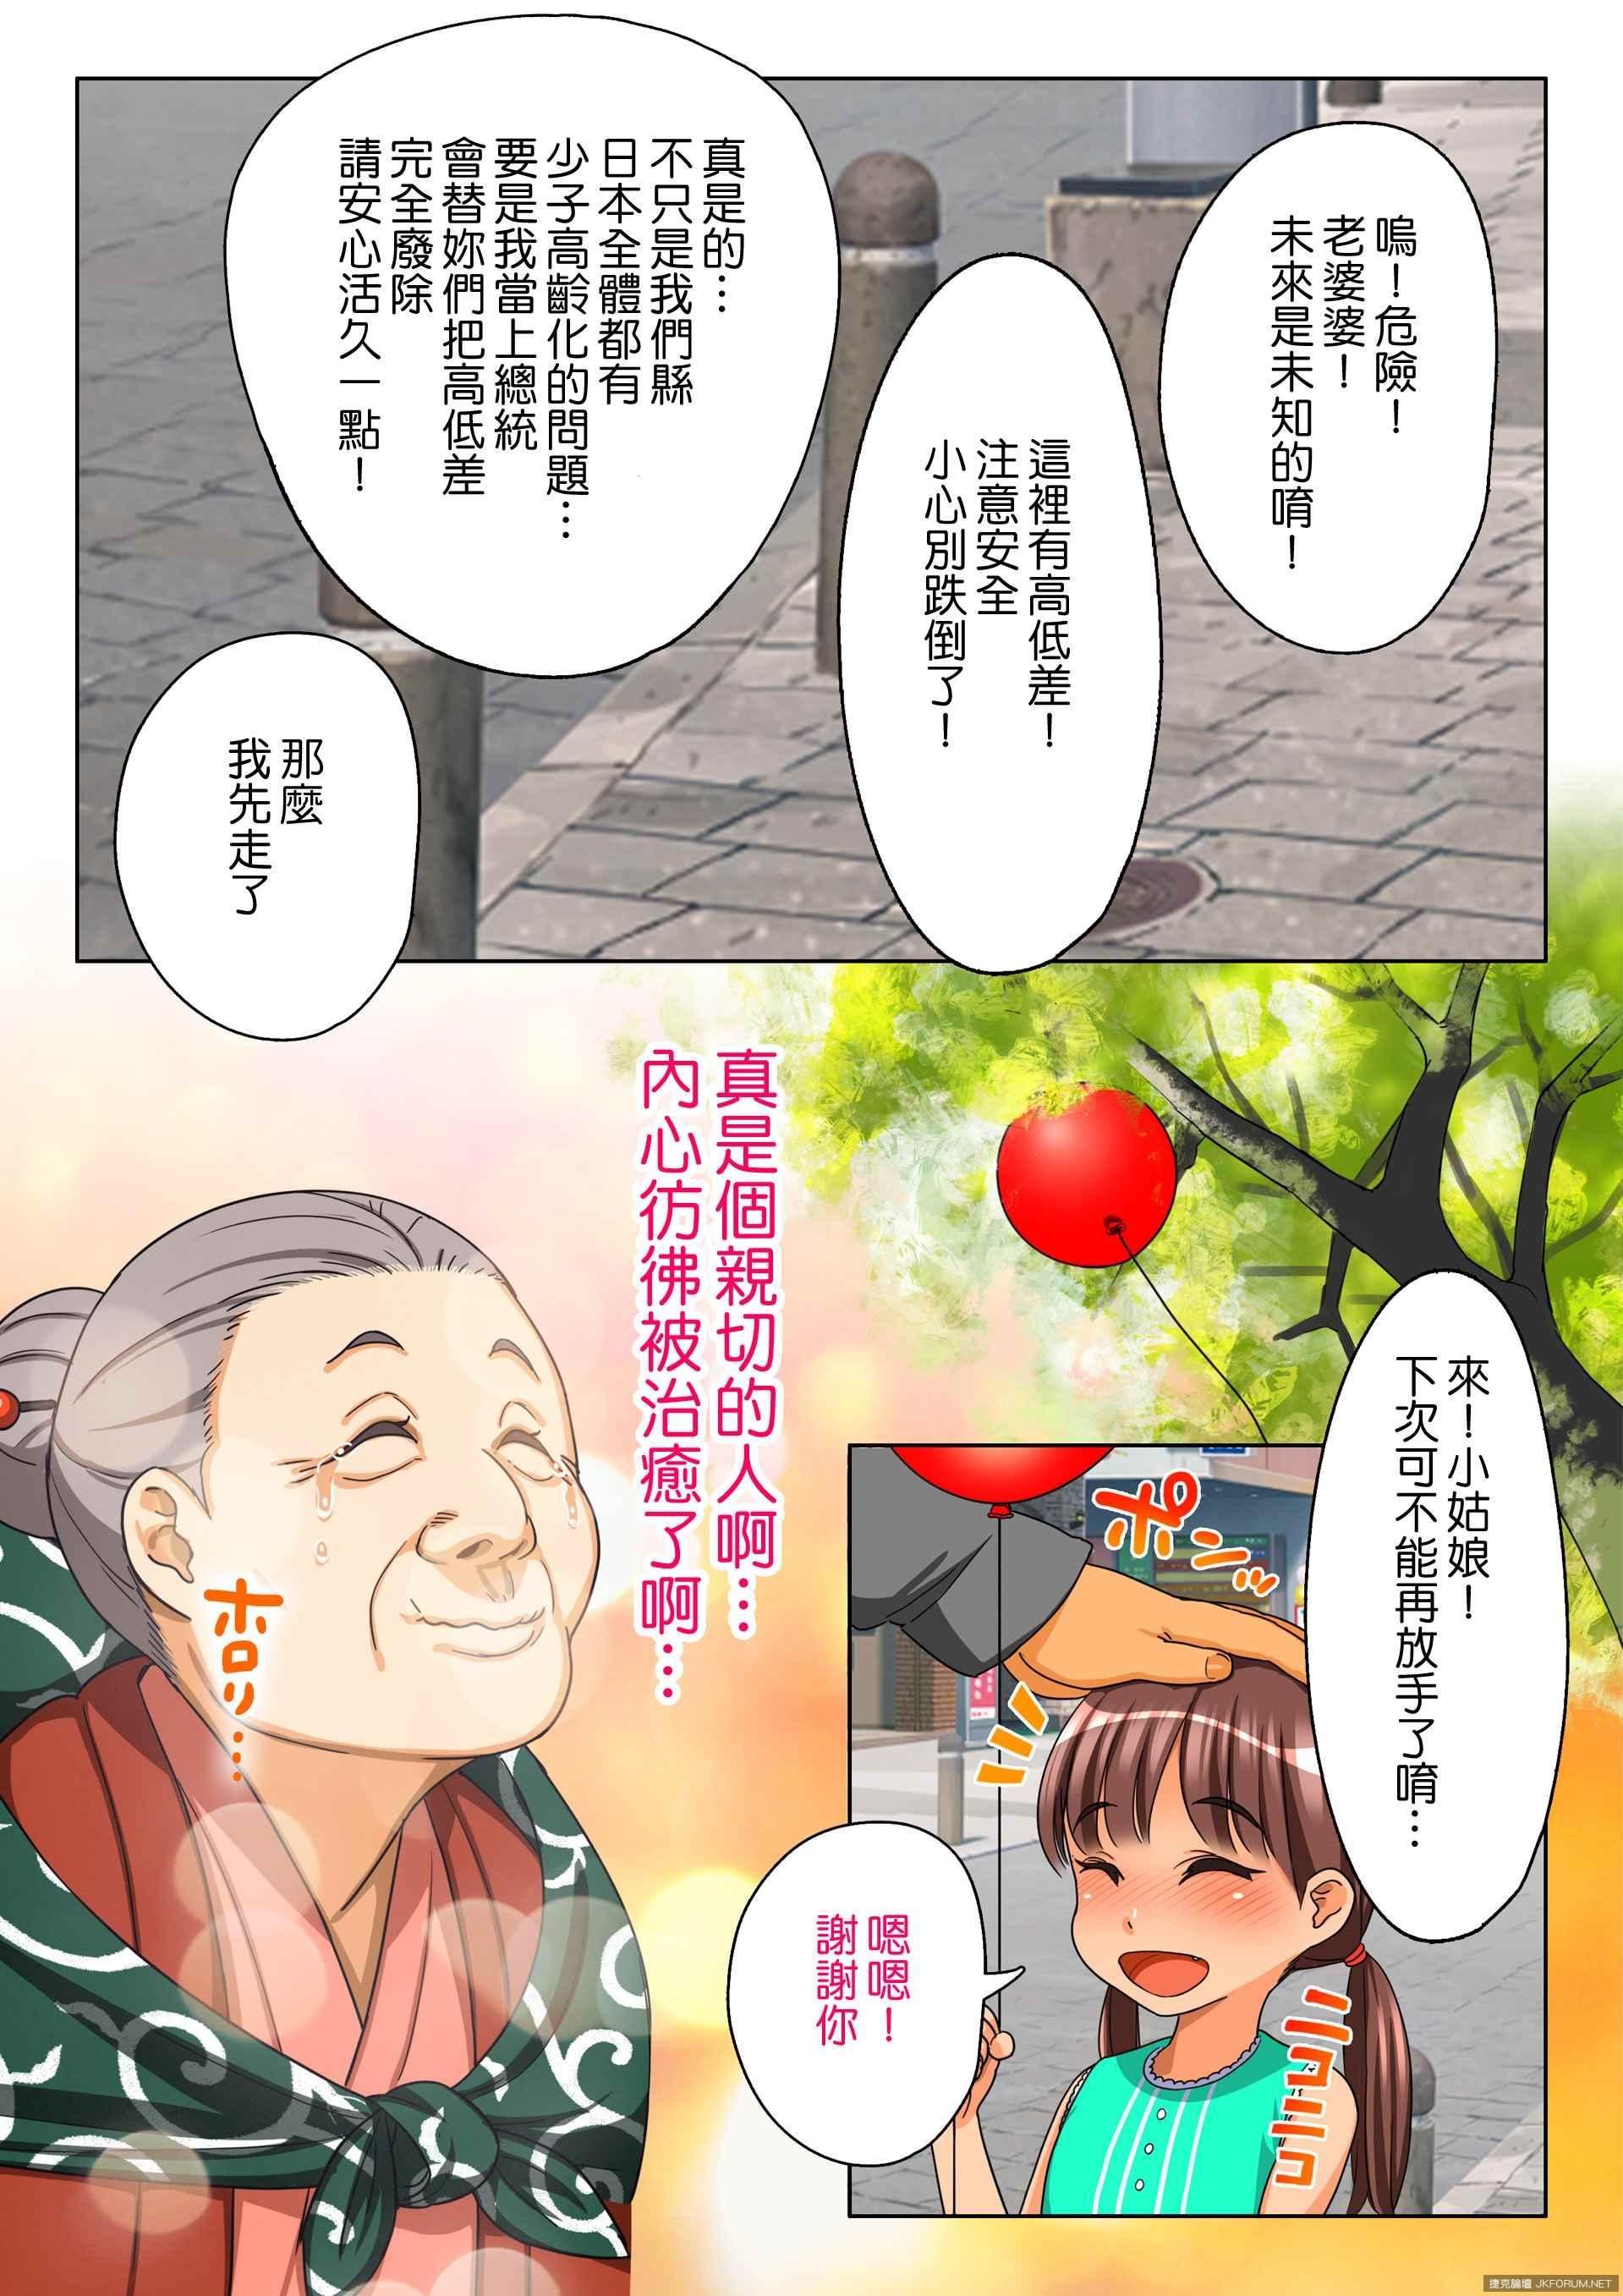 002 (Copy).jpg